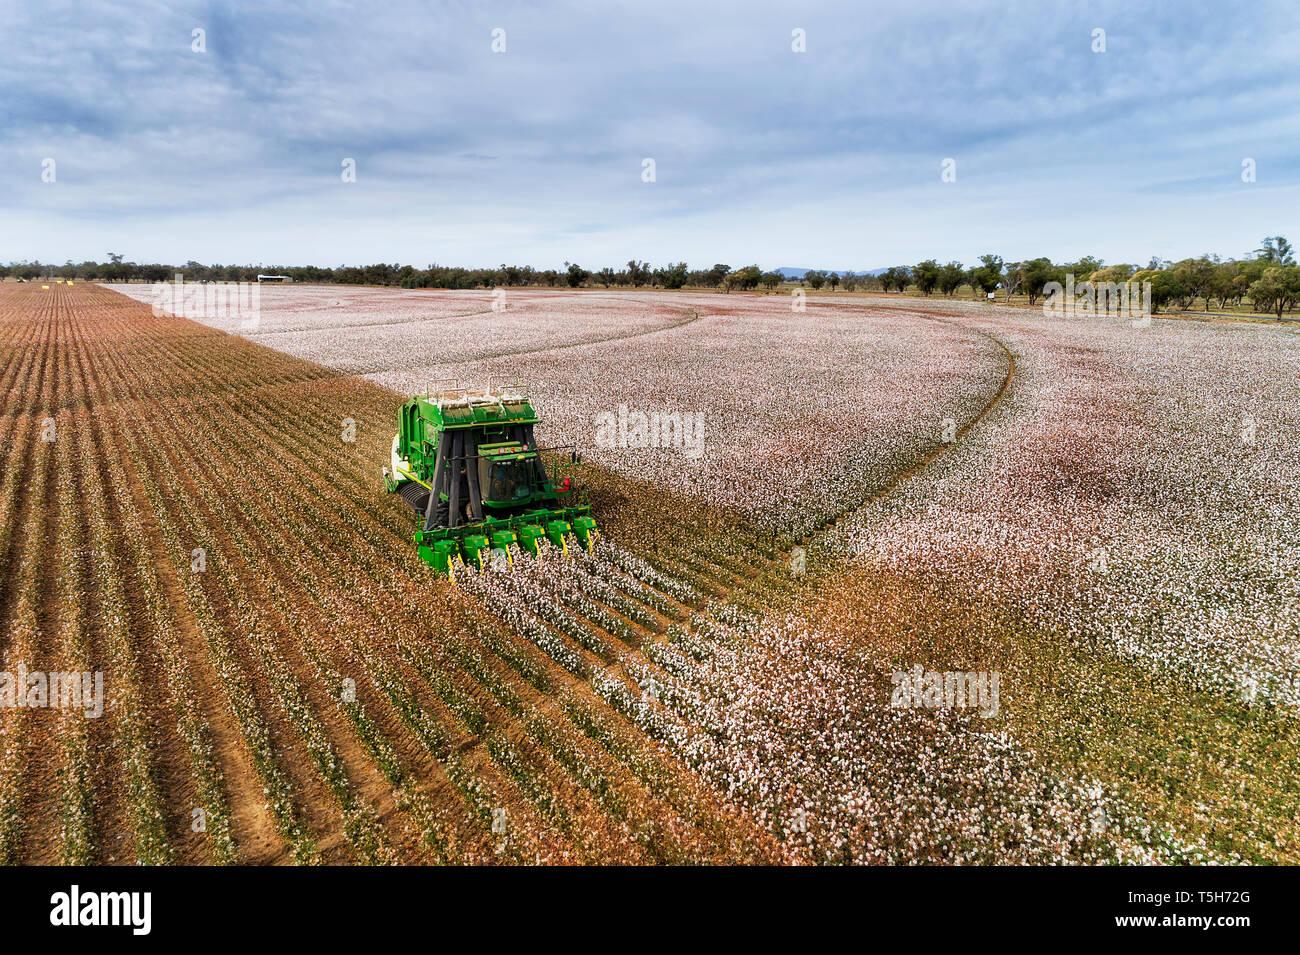 Geraden Reihen von Baumwollpflanzen mit blühenden weißen Felder von grünen Industrieller Traktor unter blauem Himmel geerntet, zu erhöhten Perspektive auf einem Bauernhof Stockfoto